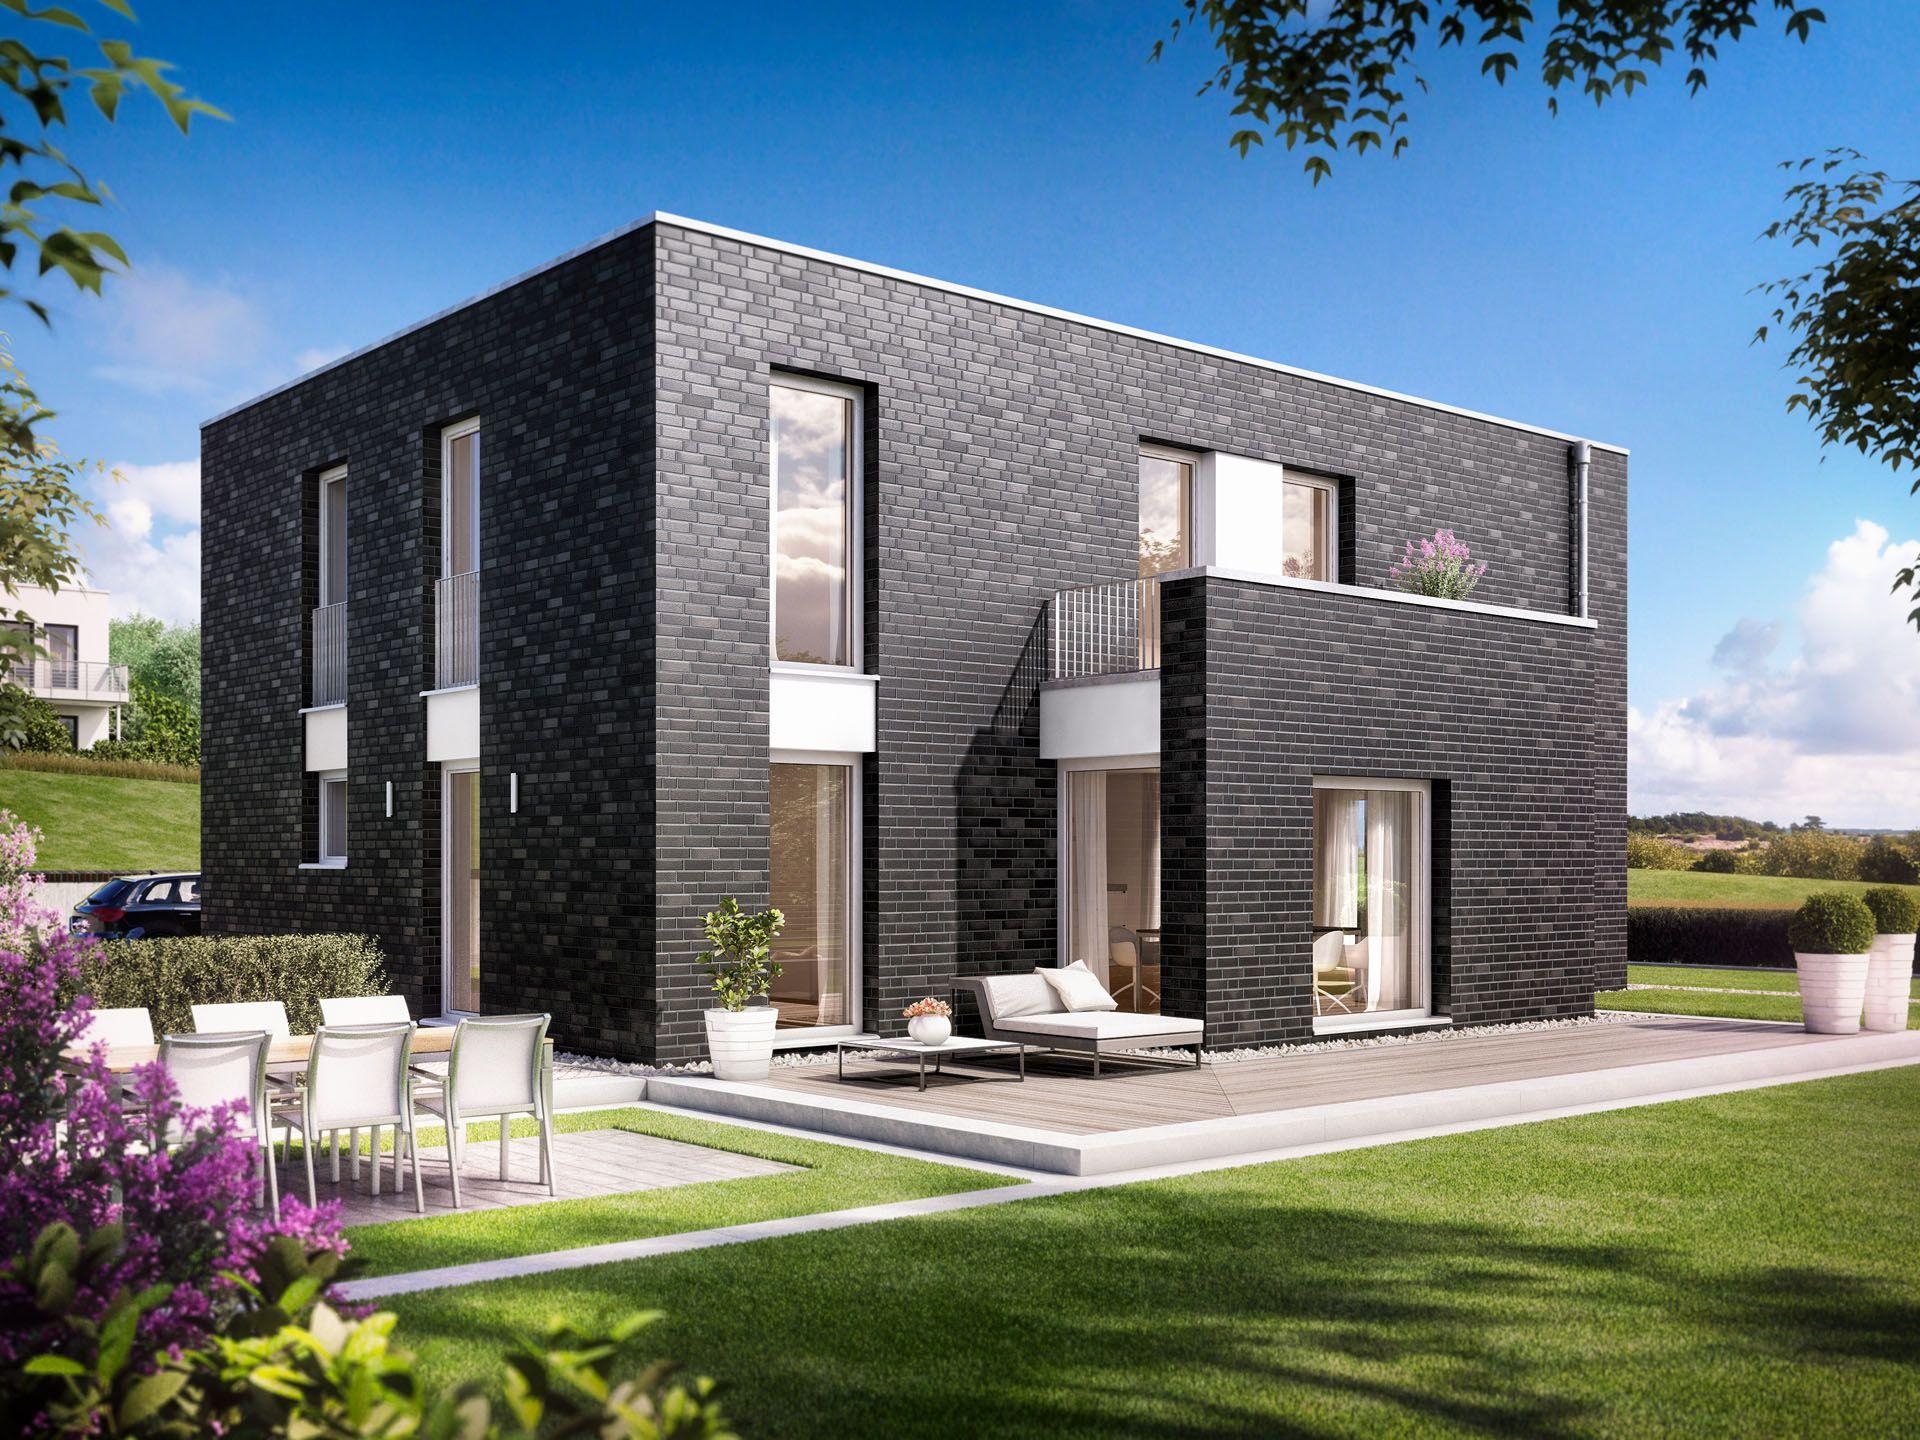 Bauhaus Villa Urban 3000 2 Effizienzhaus Von Deutsche Bauwelten  # Abris De Jardin Bauhaus